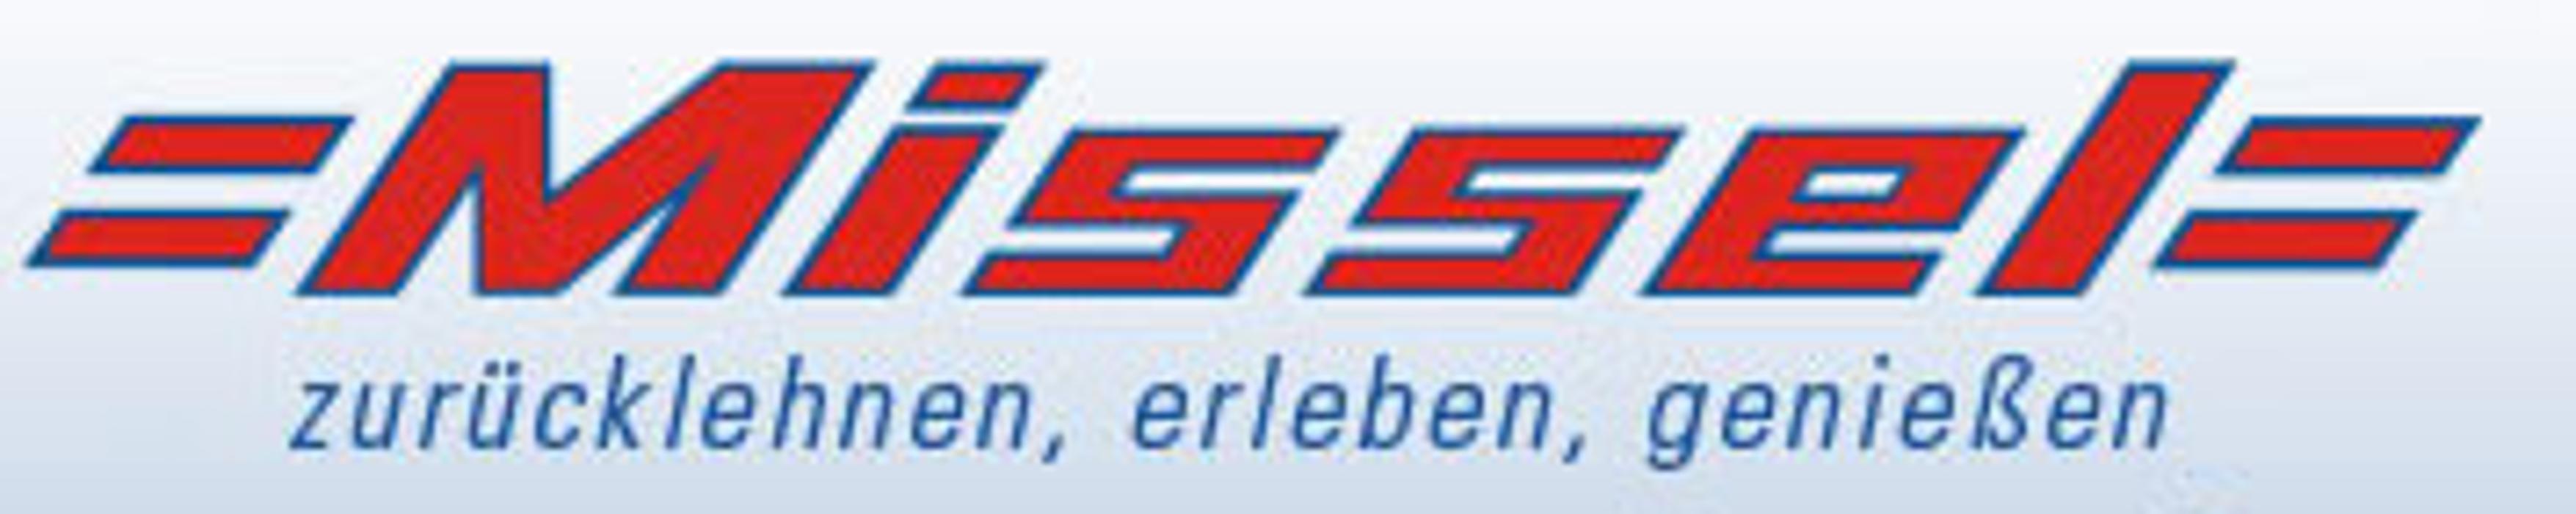 Bild zu Omnibus Missel in Eggingen Stadt Ulm